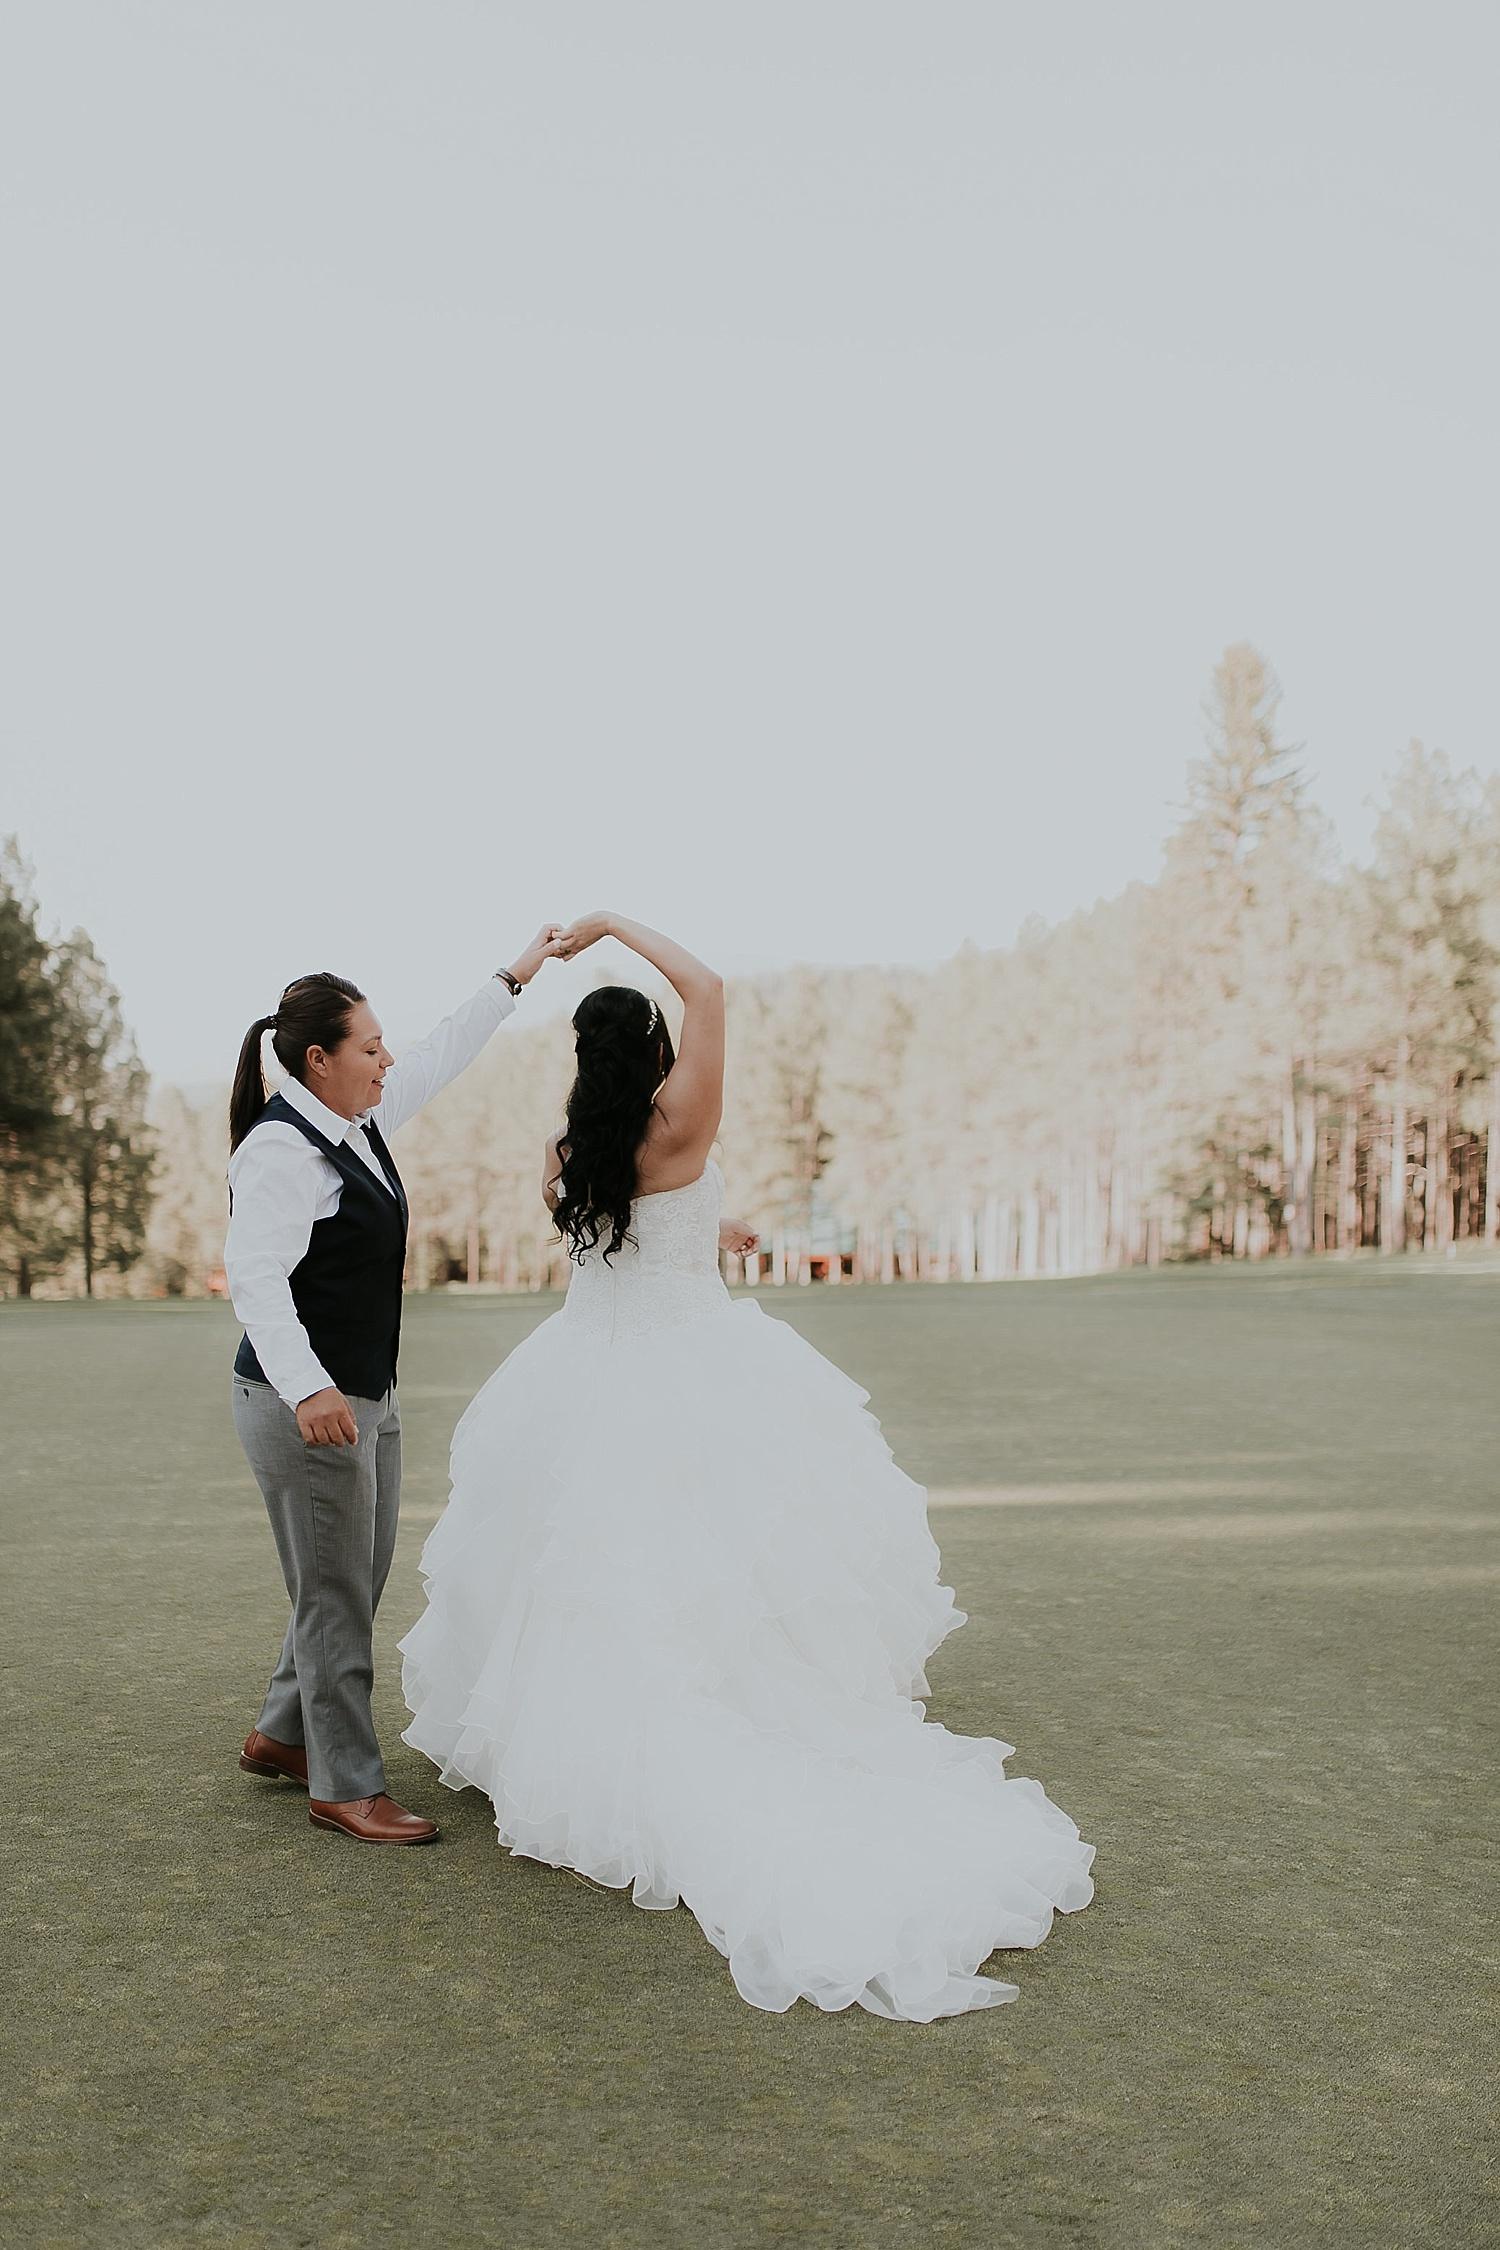 Alicia+lucia+photography+-+albuquerque+wedding+photographer+-+santa+fe+wedding+photography+-+new+mexico+wedding+photographer+-+angel+fire+wedding_0054.jpg